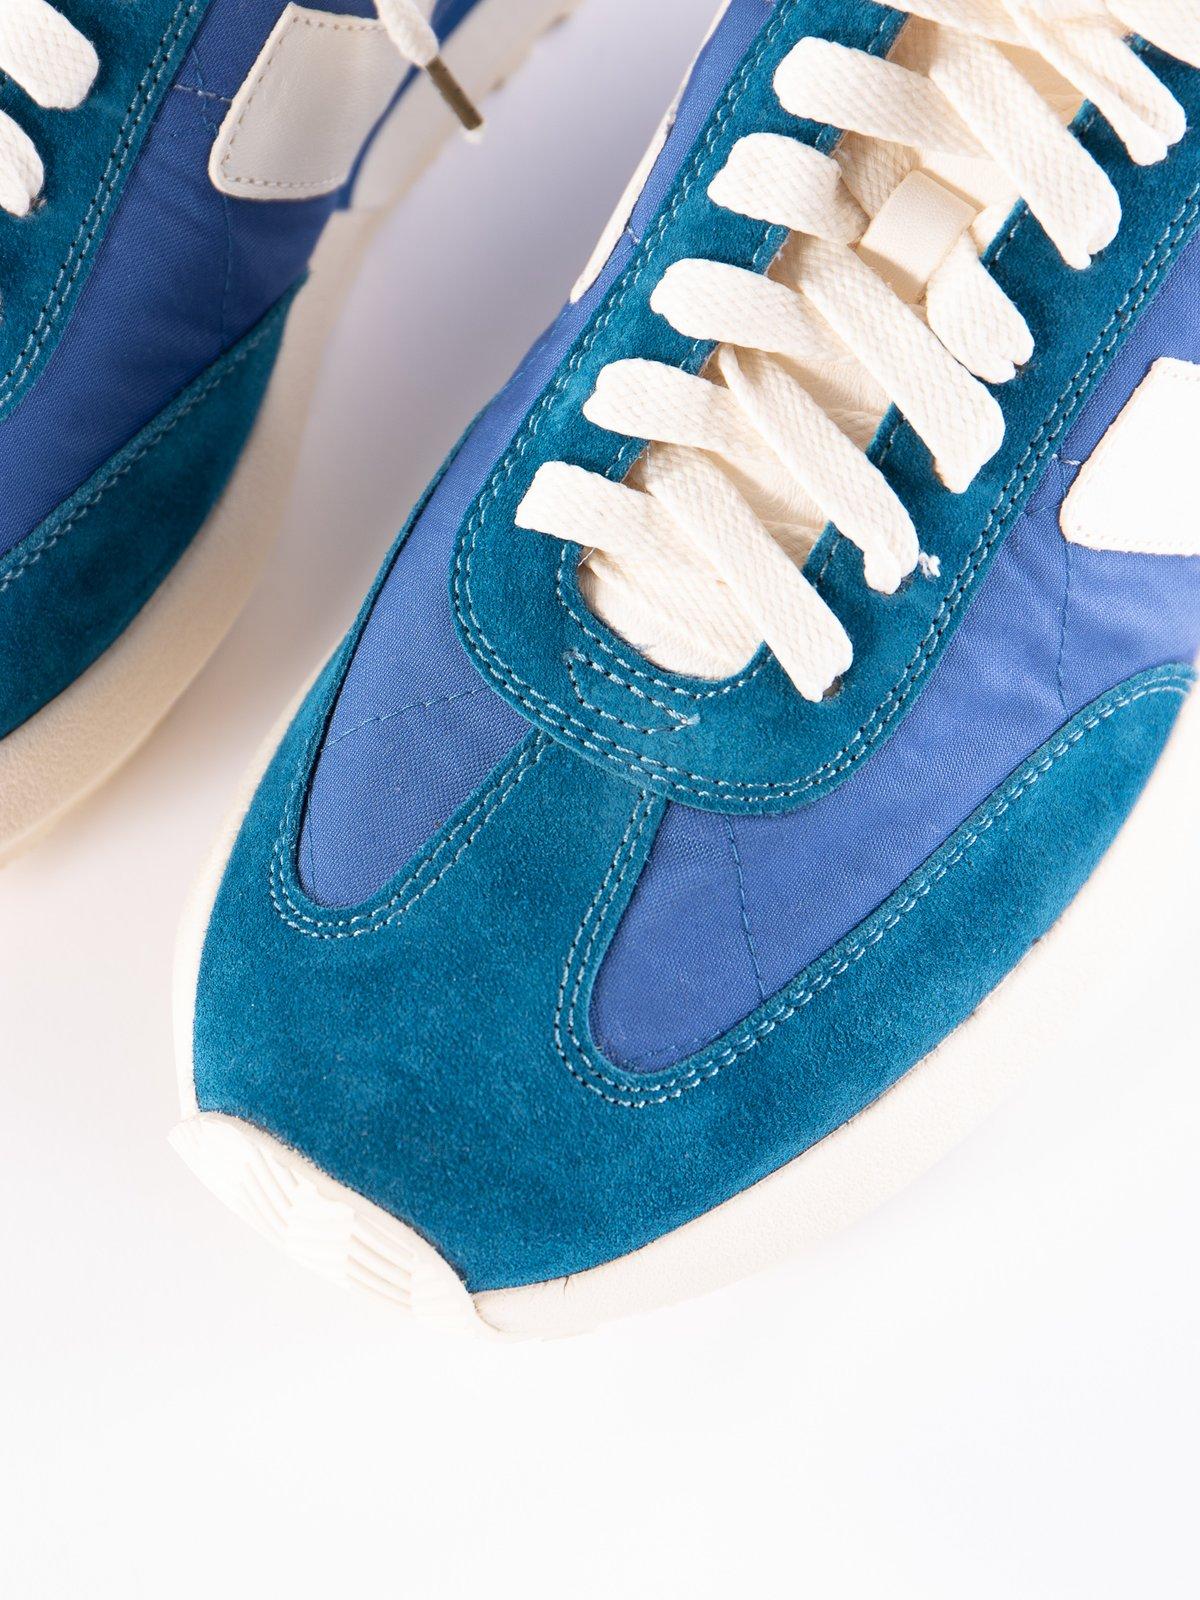 Blue FKT Runner - Image 3